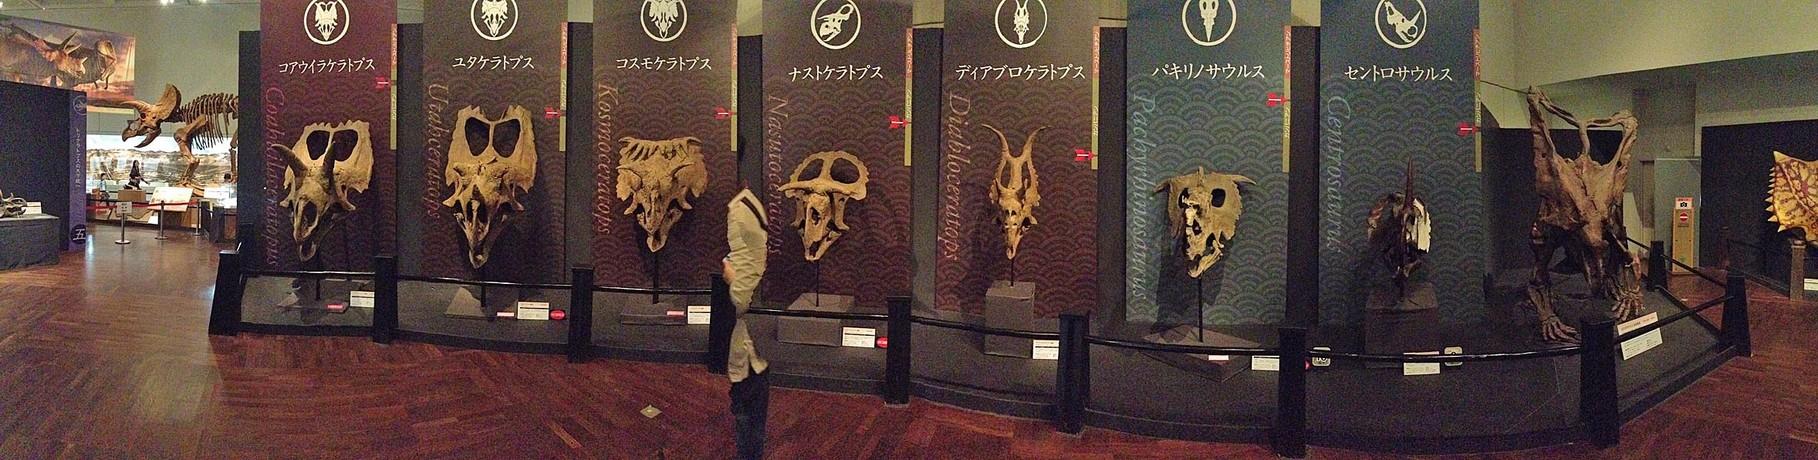 恐竜戦国時代を象徴する、ララミディア大陸のケラトプス科恐竜たち。まるで各陣営の兜のように並んでいます。パノラマ写真なので一直線に見えますが、本当は半円周状に観客を取り囲んでいます。